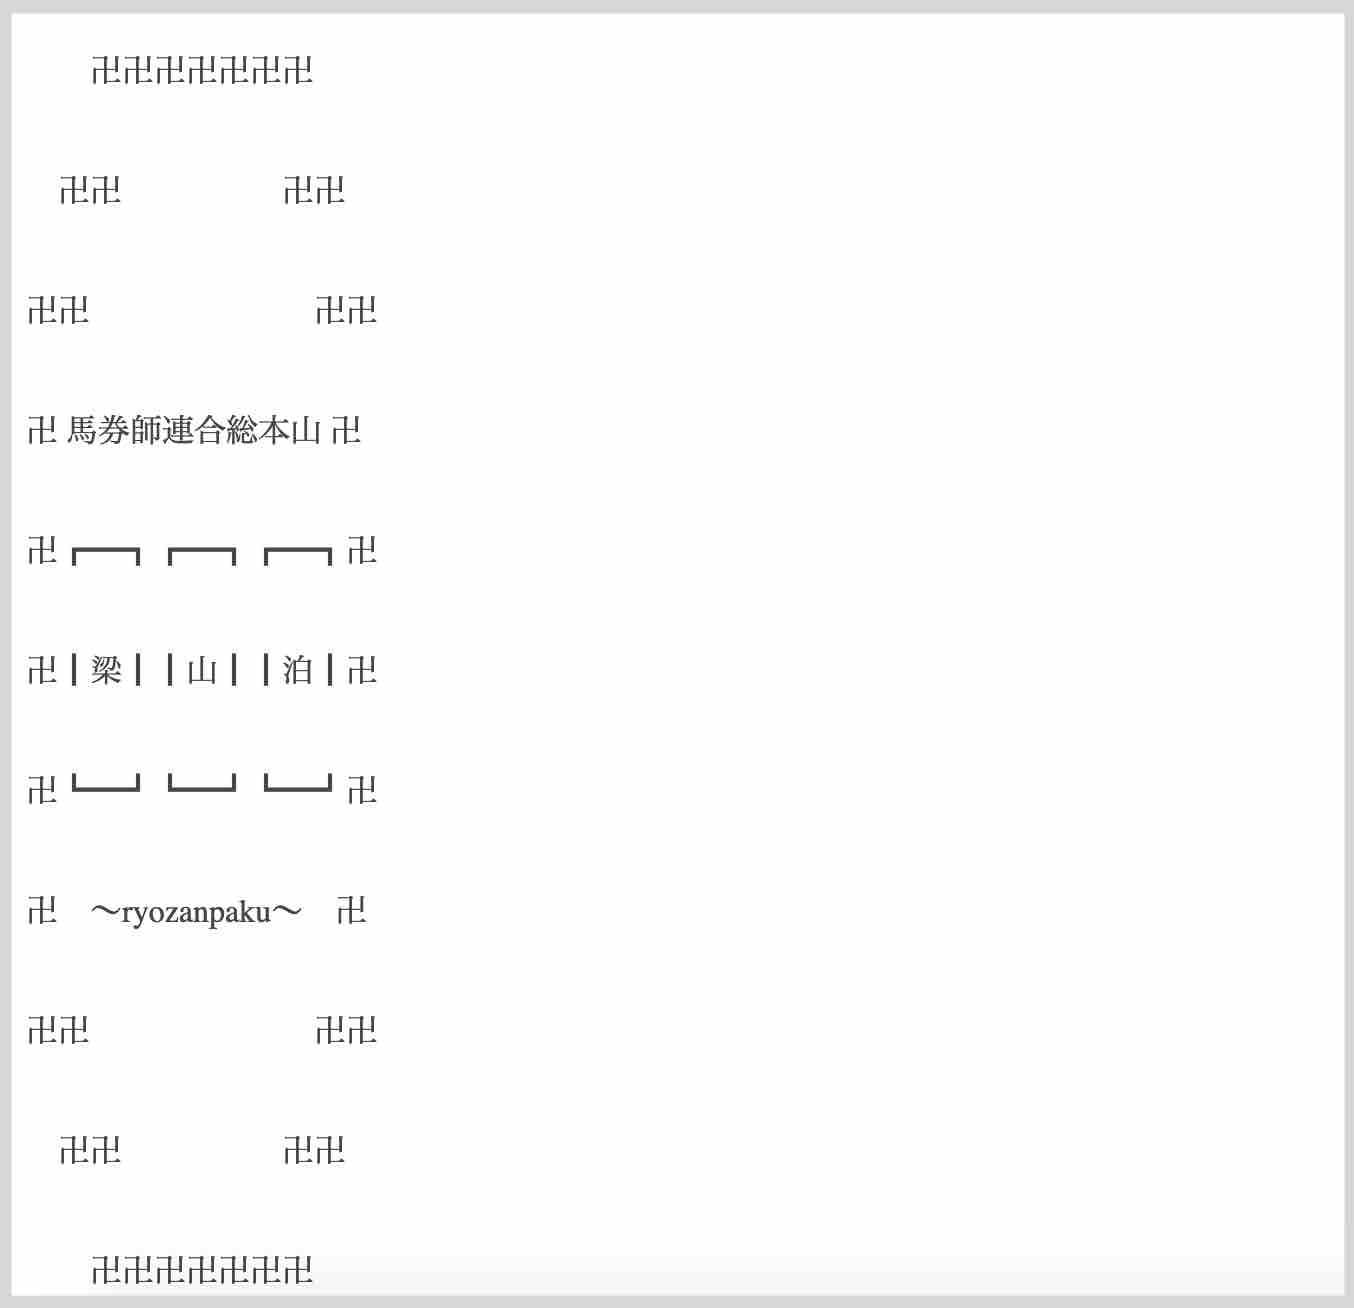 梁山泊という競馬予想サイトからの返信メールの文頭が怪しすぎ